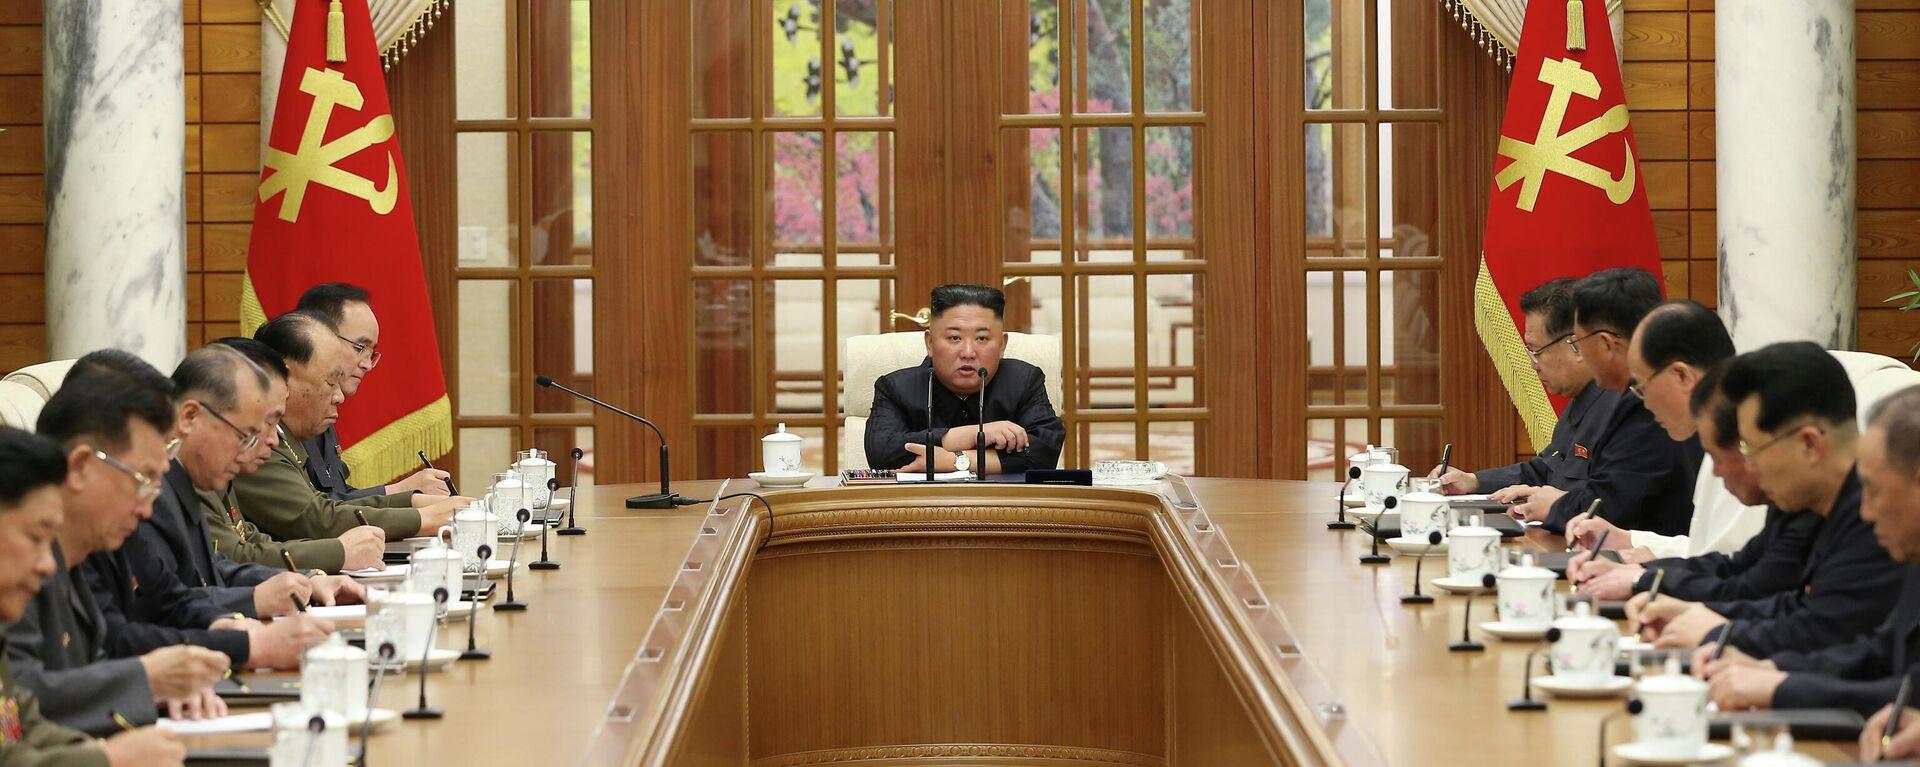 El líder de Cores del Norte Kim Jong-un - Sputnik Mundo, 1920, 05.06.2021